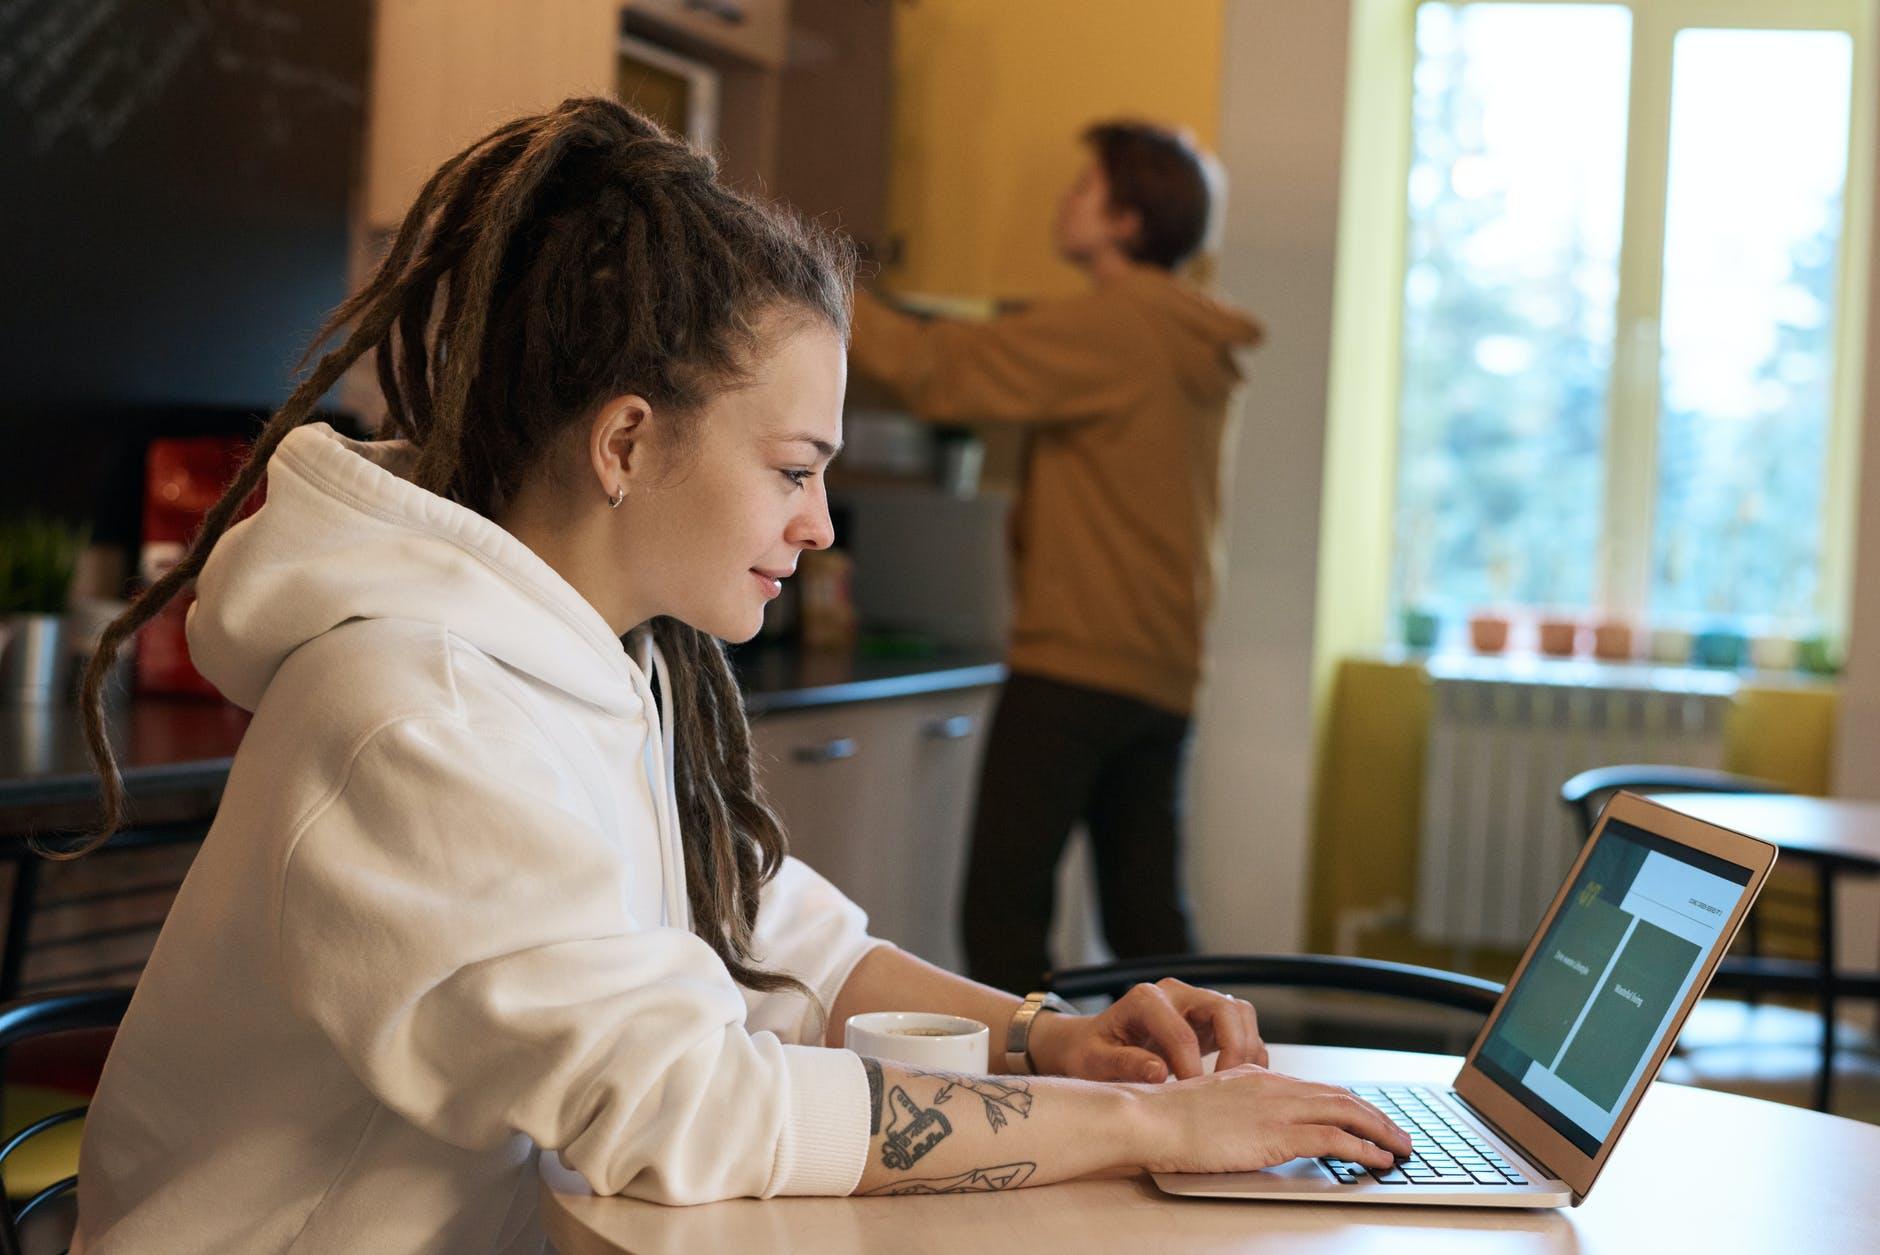 Cómo adaptarte a la rutina de trabajar desde casa, Enfermedades y su tratamiento